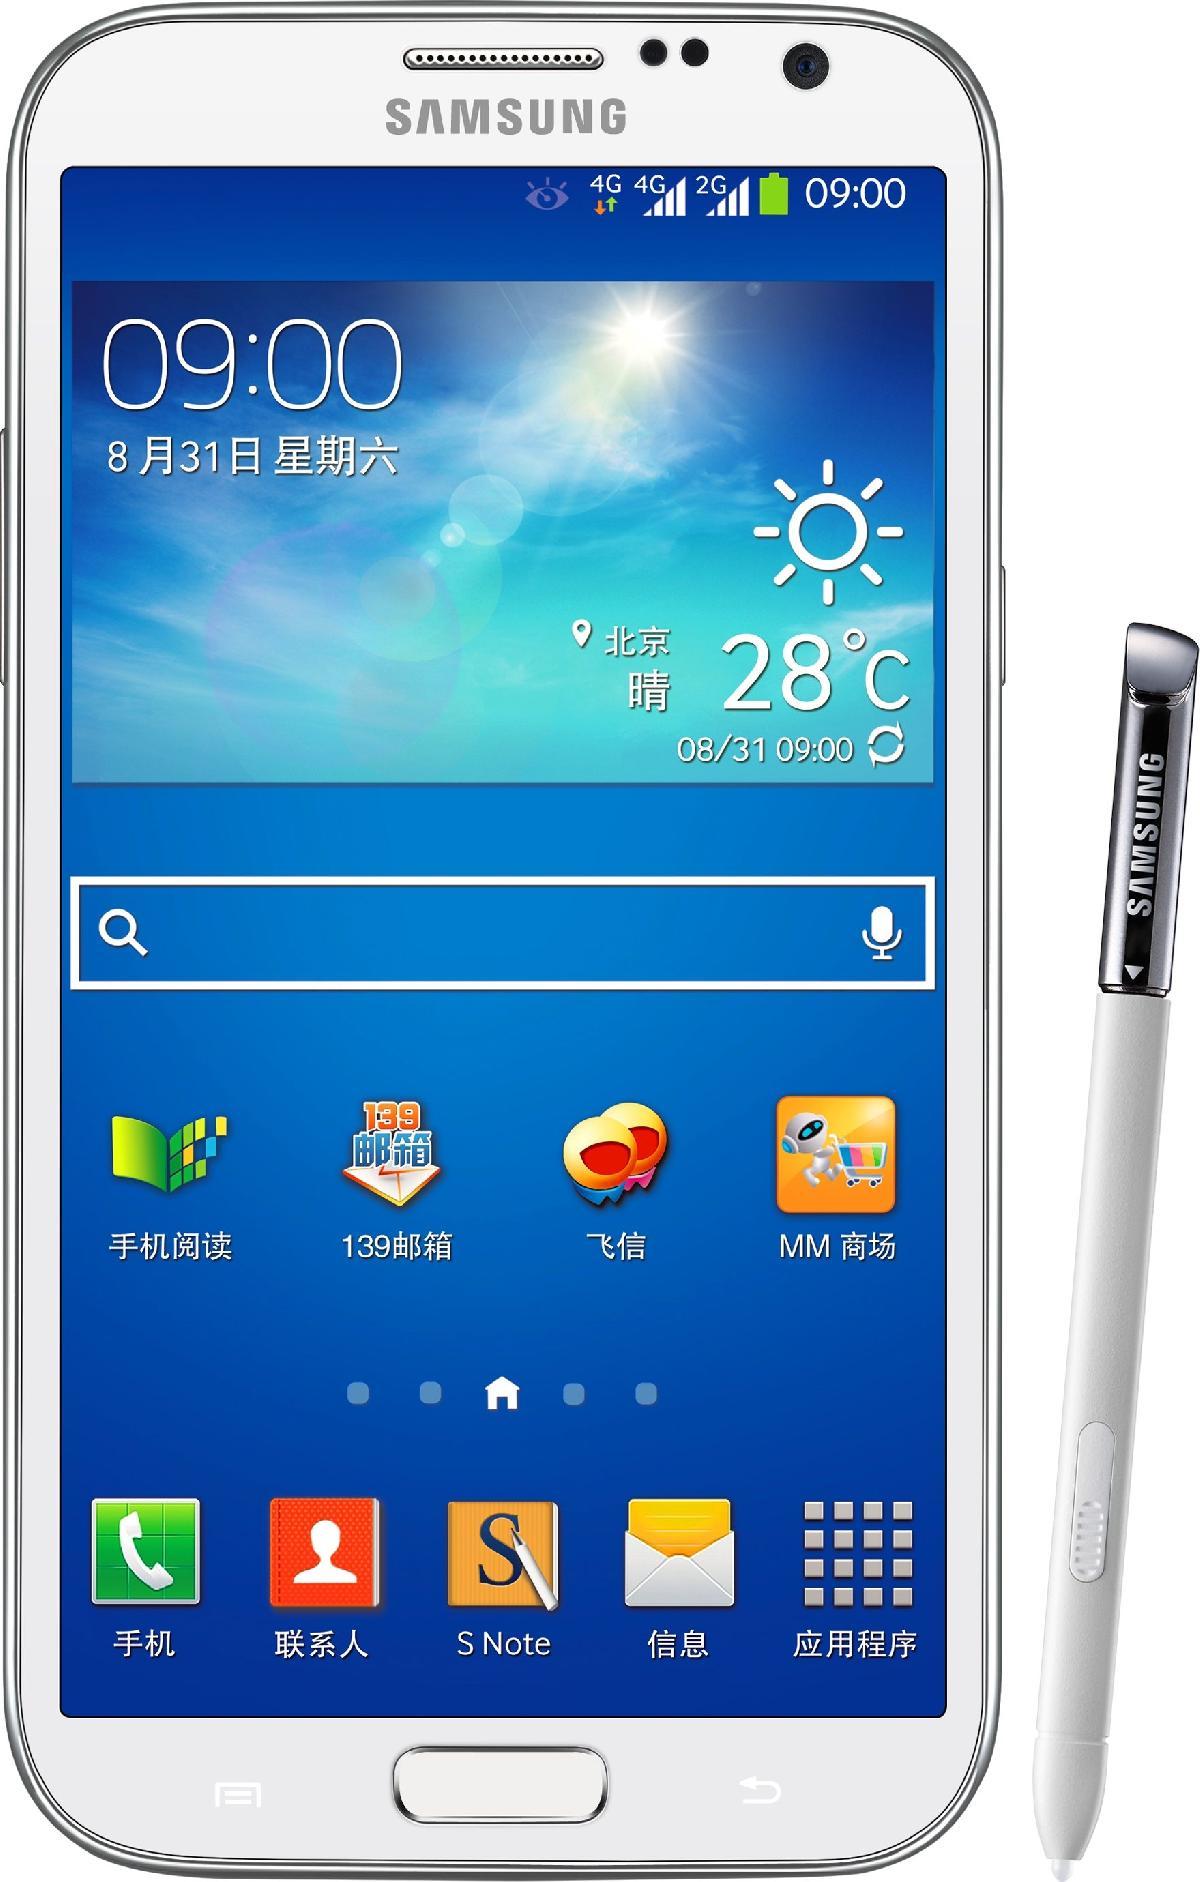 Galaxy Note 2 (TD LTE) GT-N7108D